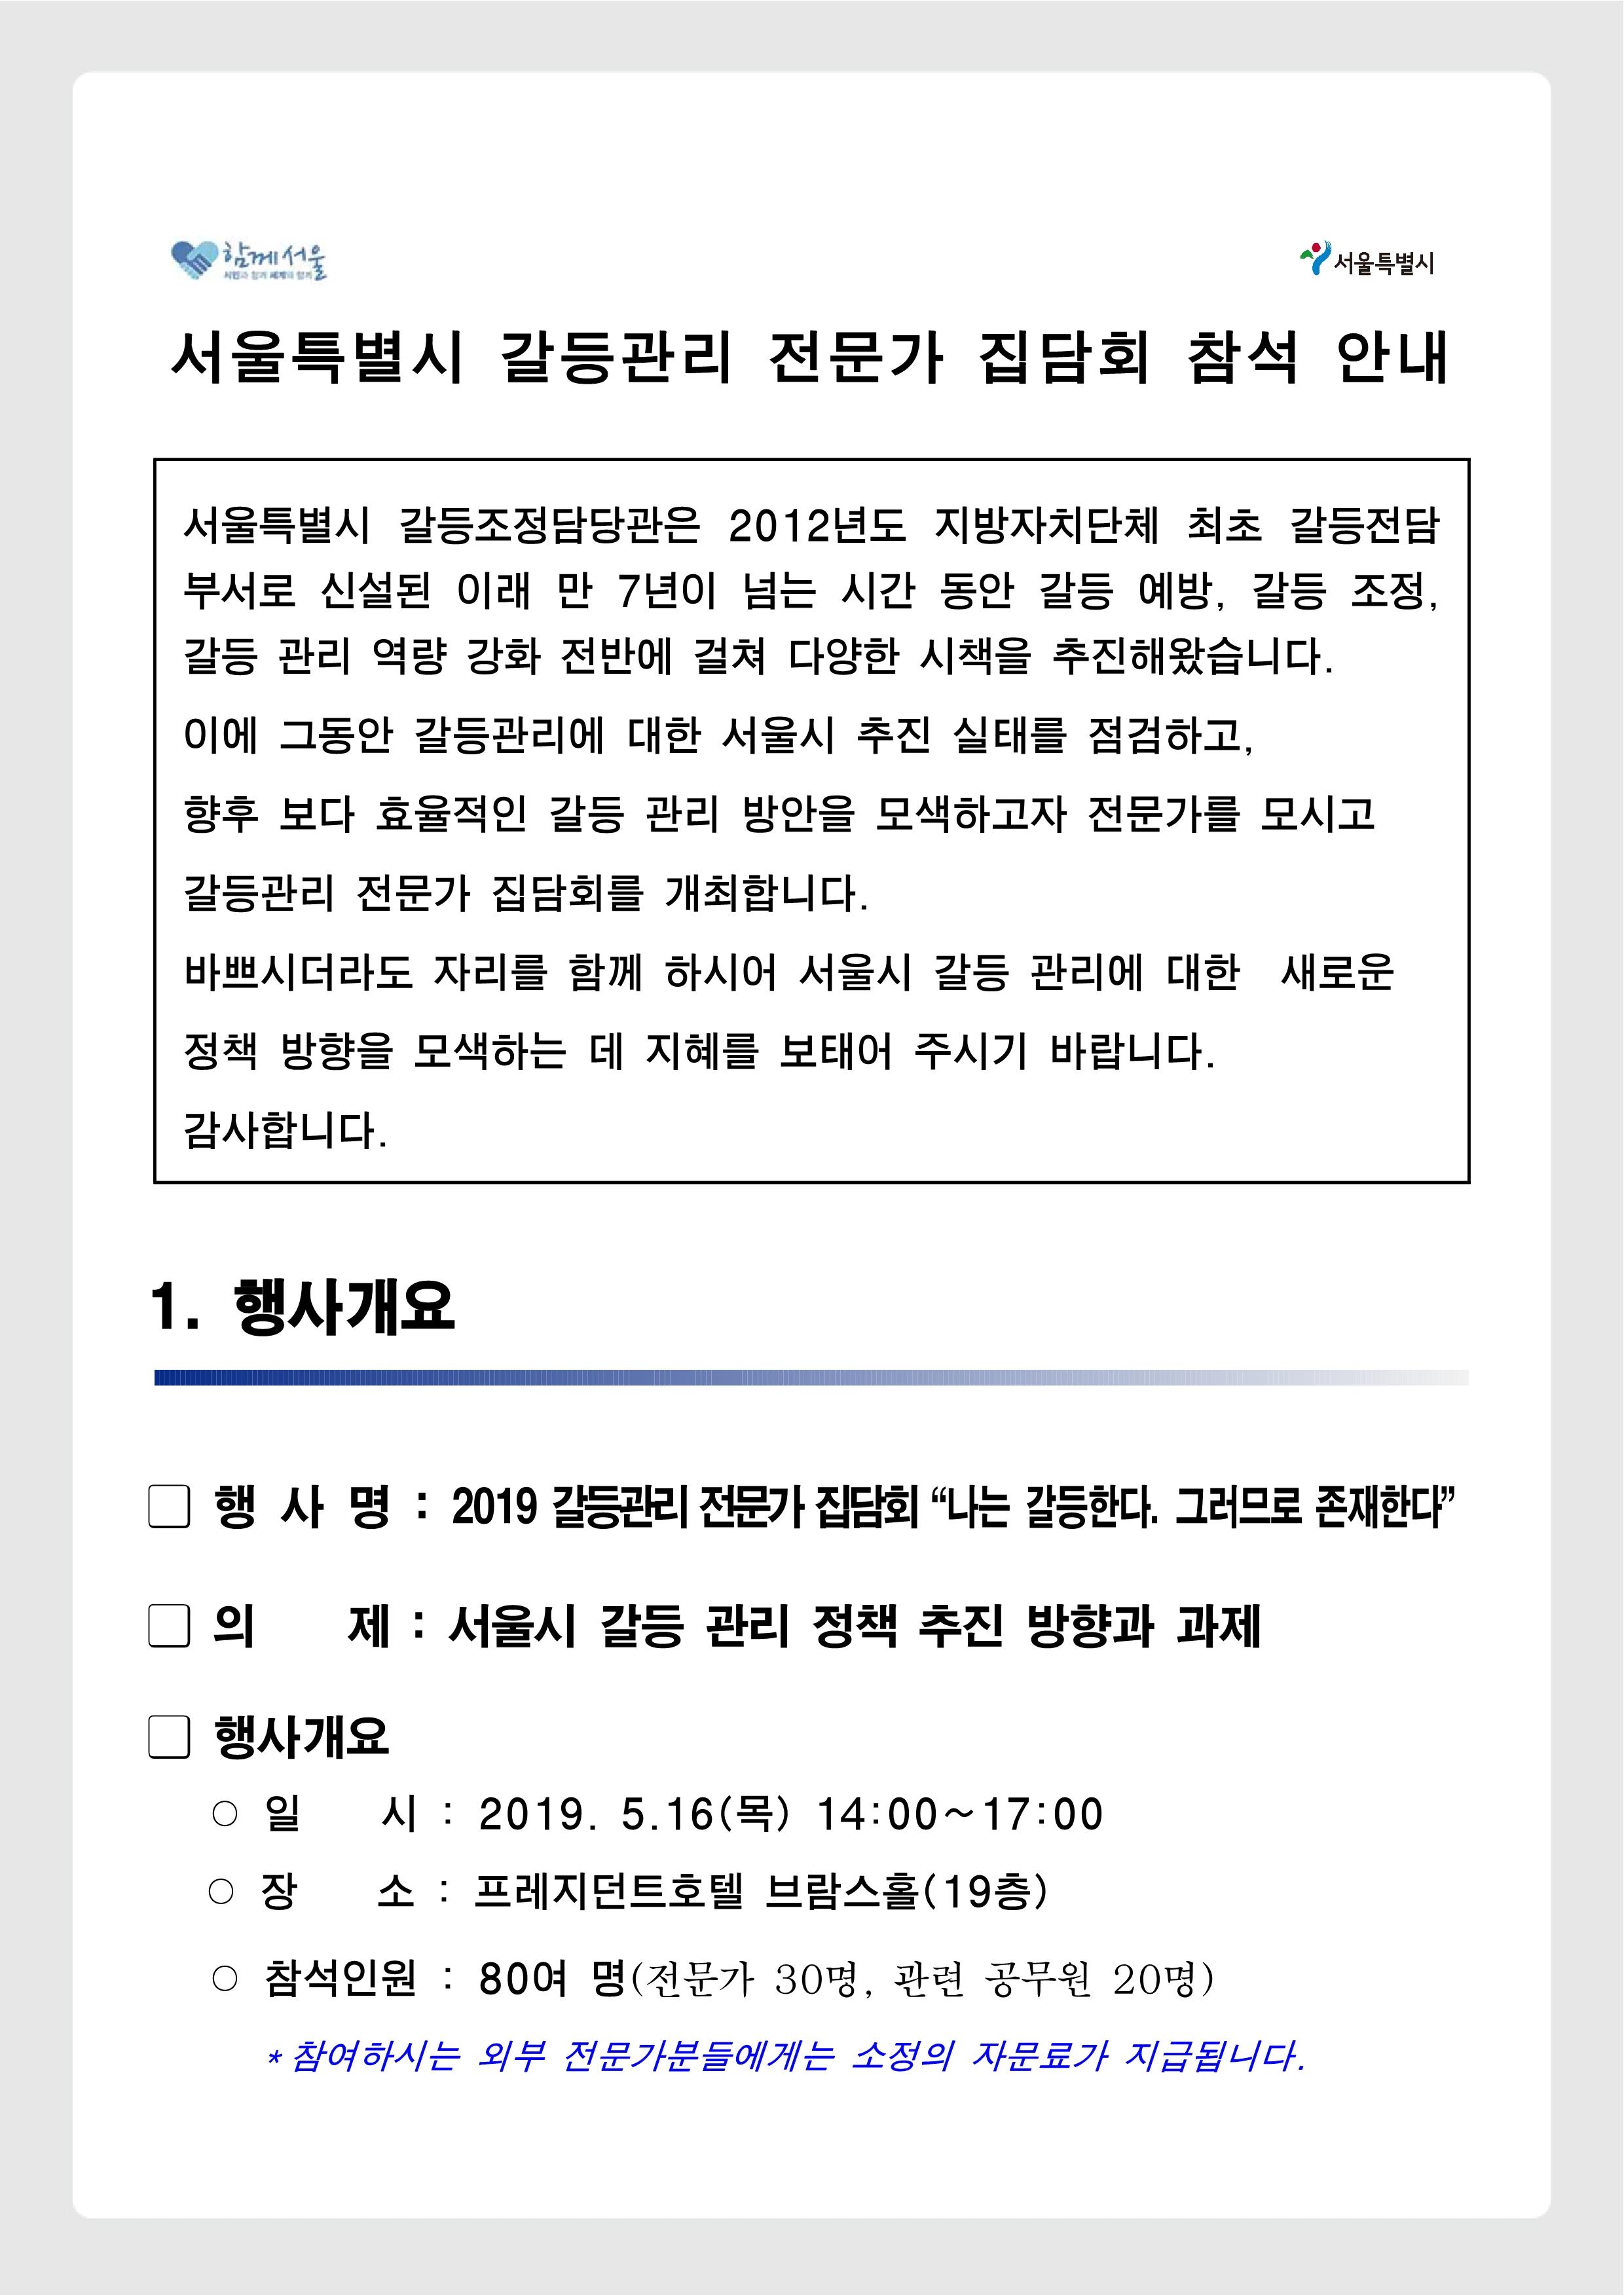 2019 갈등관리 전문가 집담회 참석 안내11.jpg